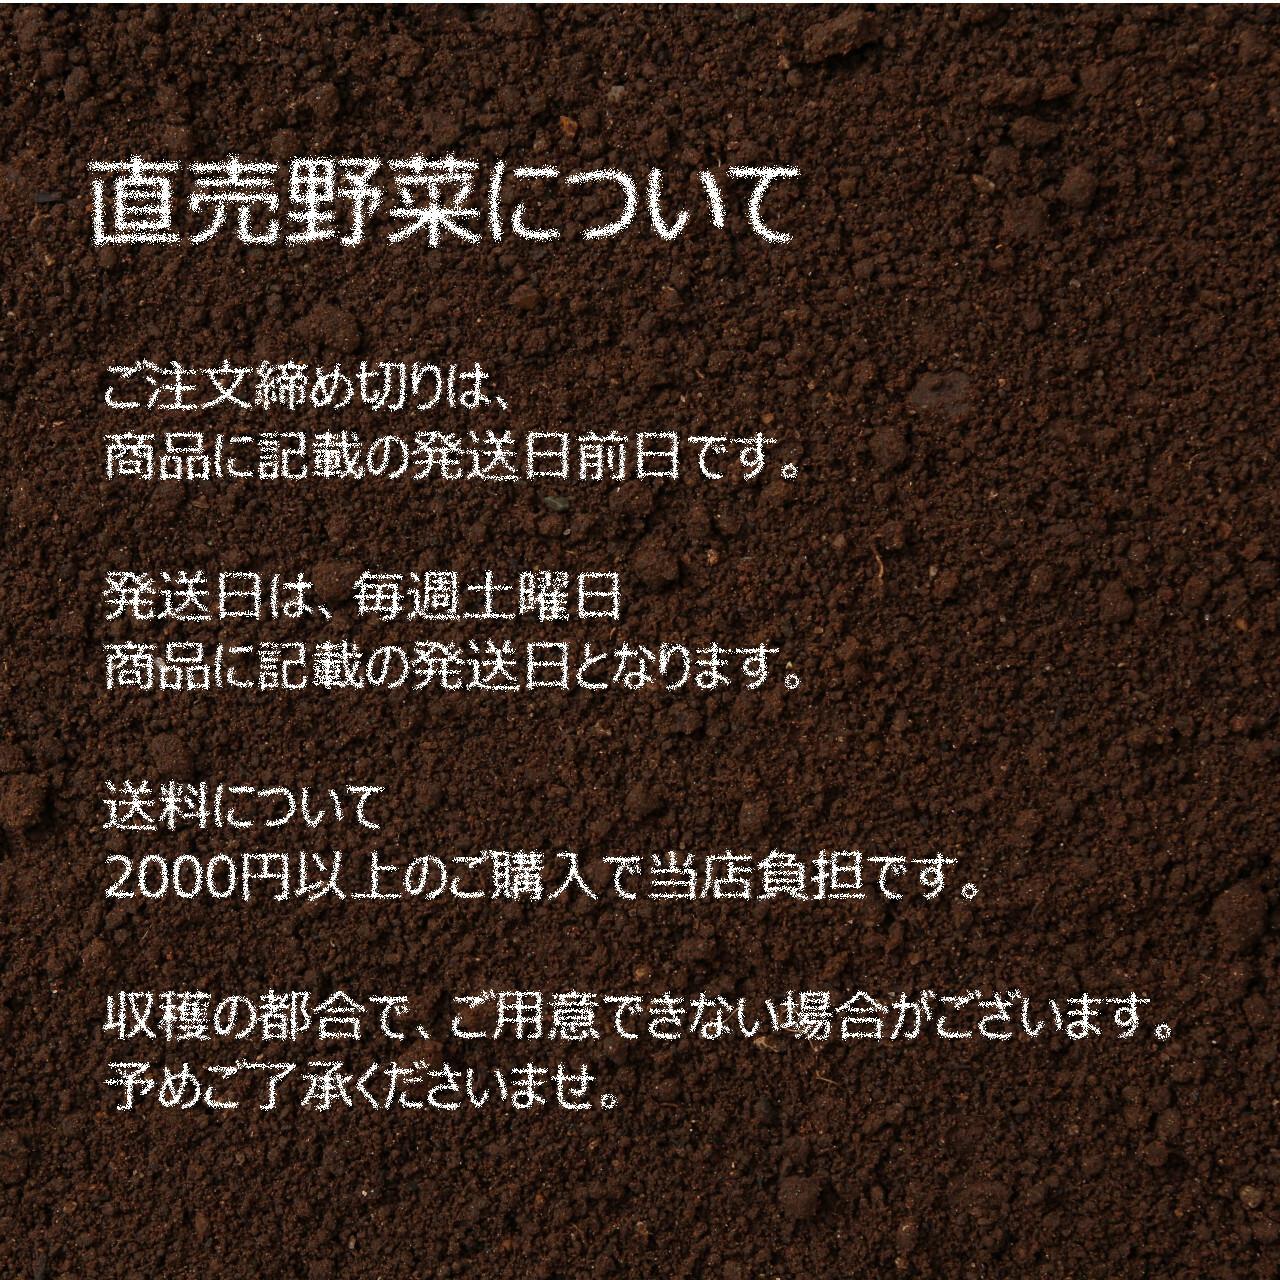 11月の朝採り直売野菜 : ニンニク 約1~2個 新鮮な秋野菜 11月14日発送予定